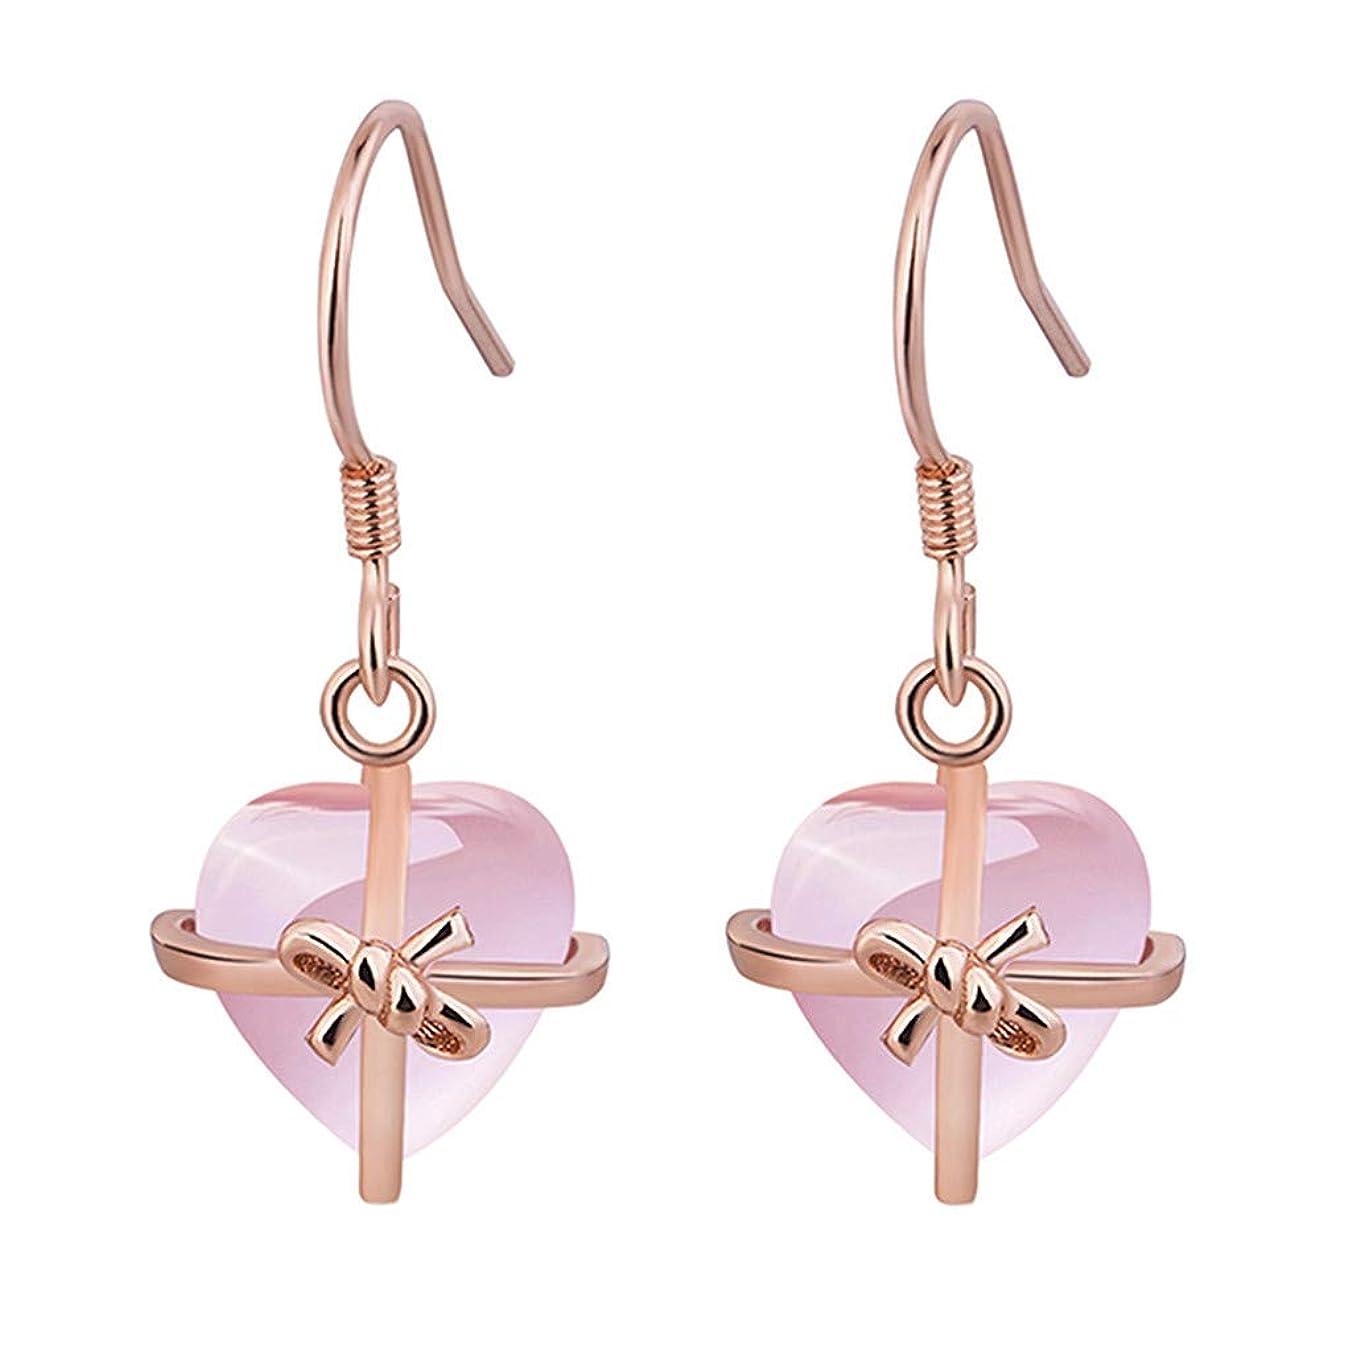 受賞変化する劇場Nicircle 女性ナチュラルハートピンクローズ925スタンダードシルバージュエリーイヤリング ピンクのバラ Women Natural Heart Pink Rose 925 Standard Silver Jewelry Earrings